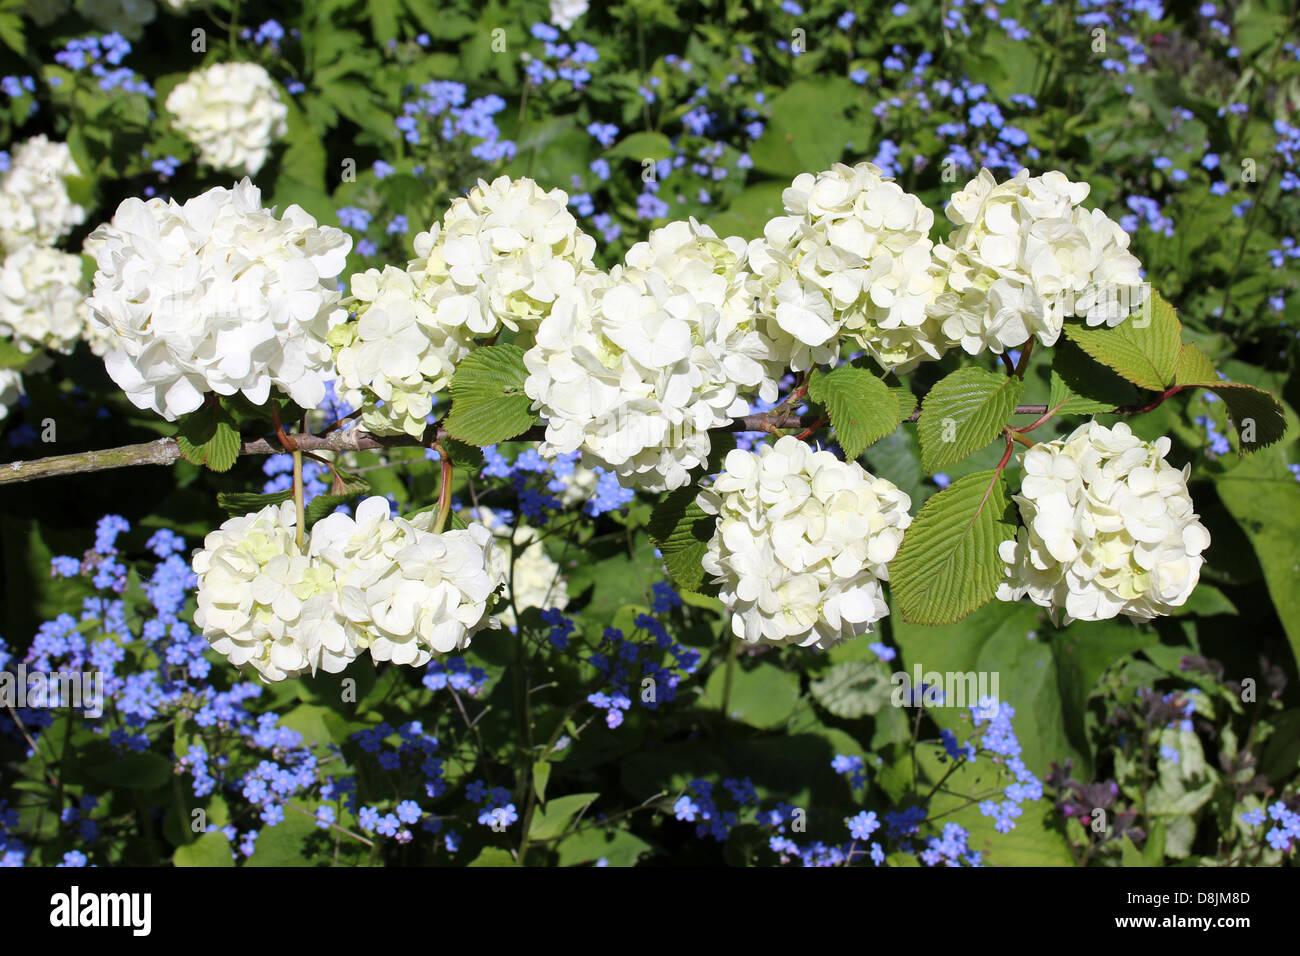 viburnum plicatum stockfotos viburnum plicatum bilder alamy. Black Bedroom Furniture Sets. Home Design Ideas